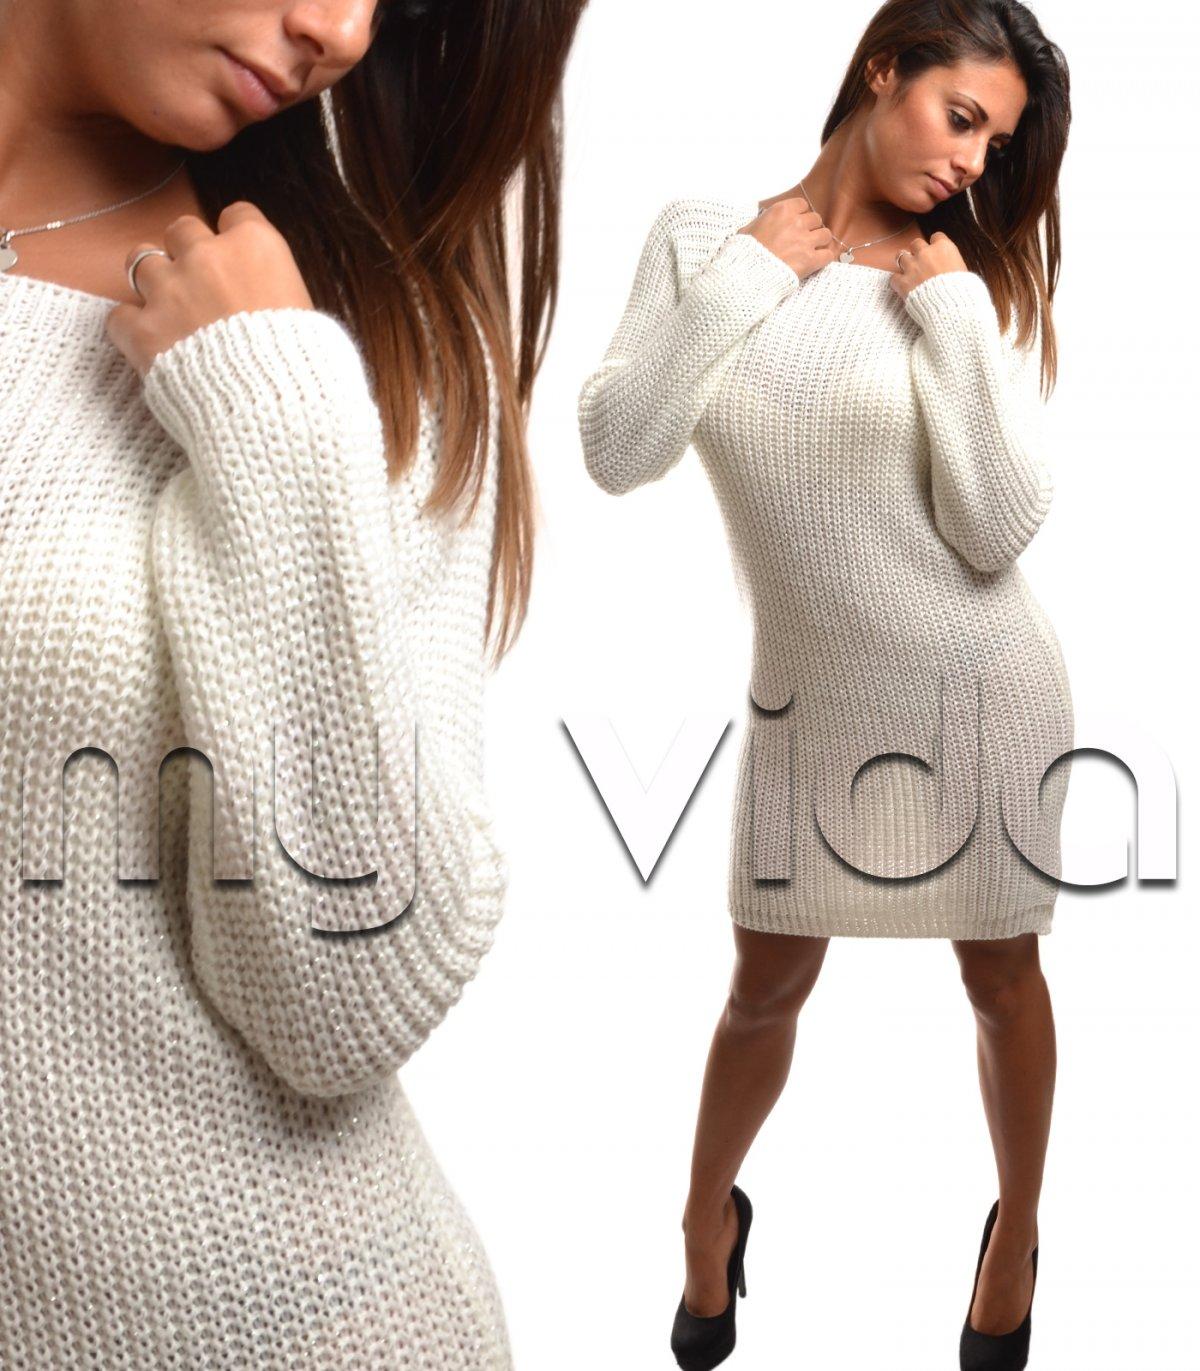 economico per lo sconto 2513d e857e Vestito corto in misto lana manica lunga | My Vida